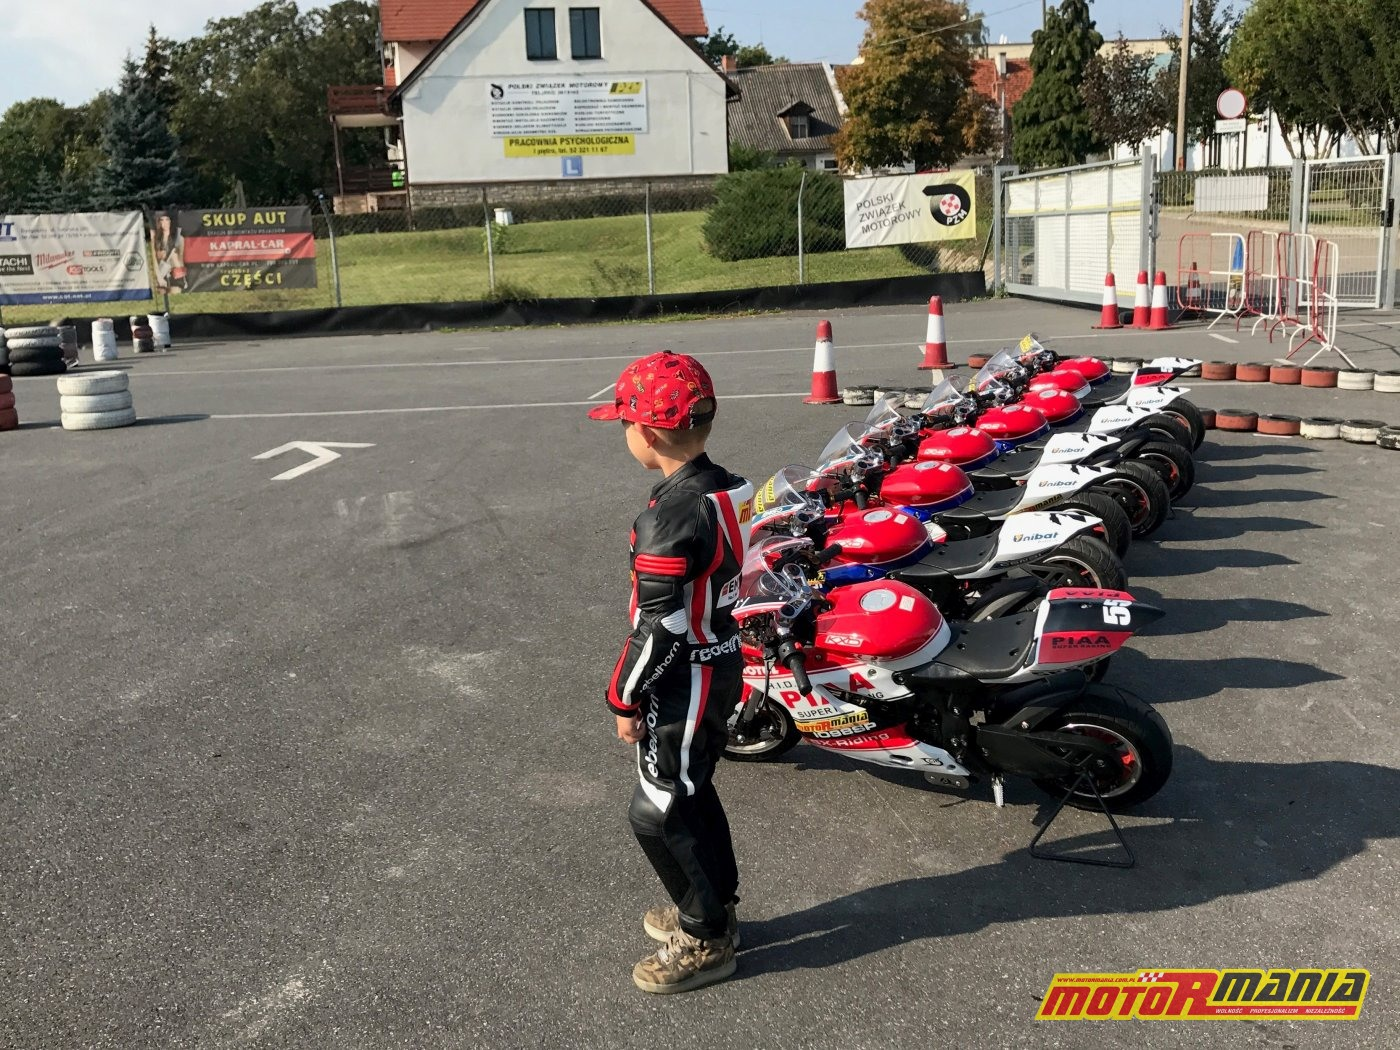 MotoRmania KidzGP - dzieci na motocyklach (8)